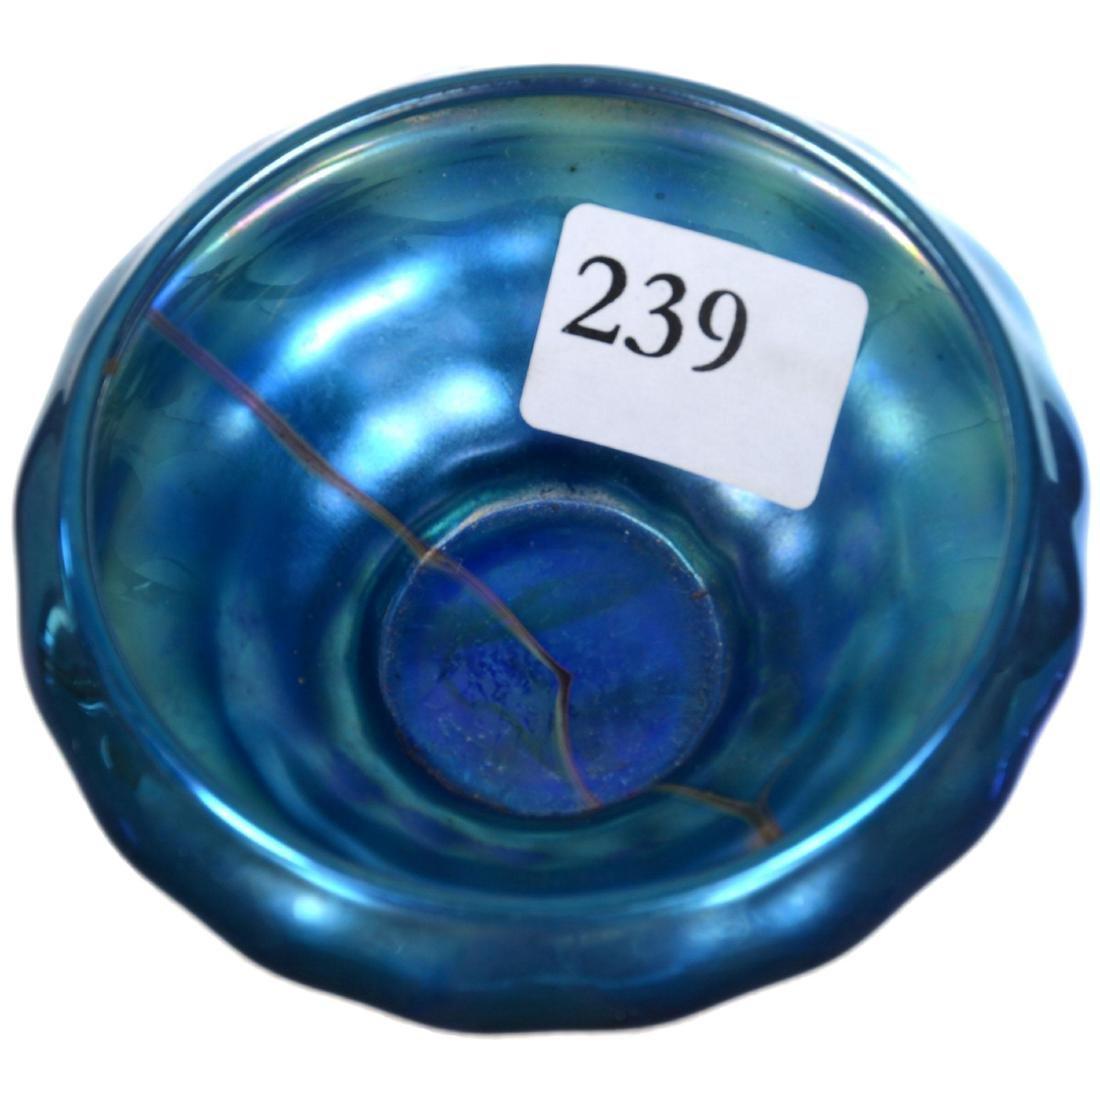 Unmarked Steuben Blue Aurene Salt Dip - 2